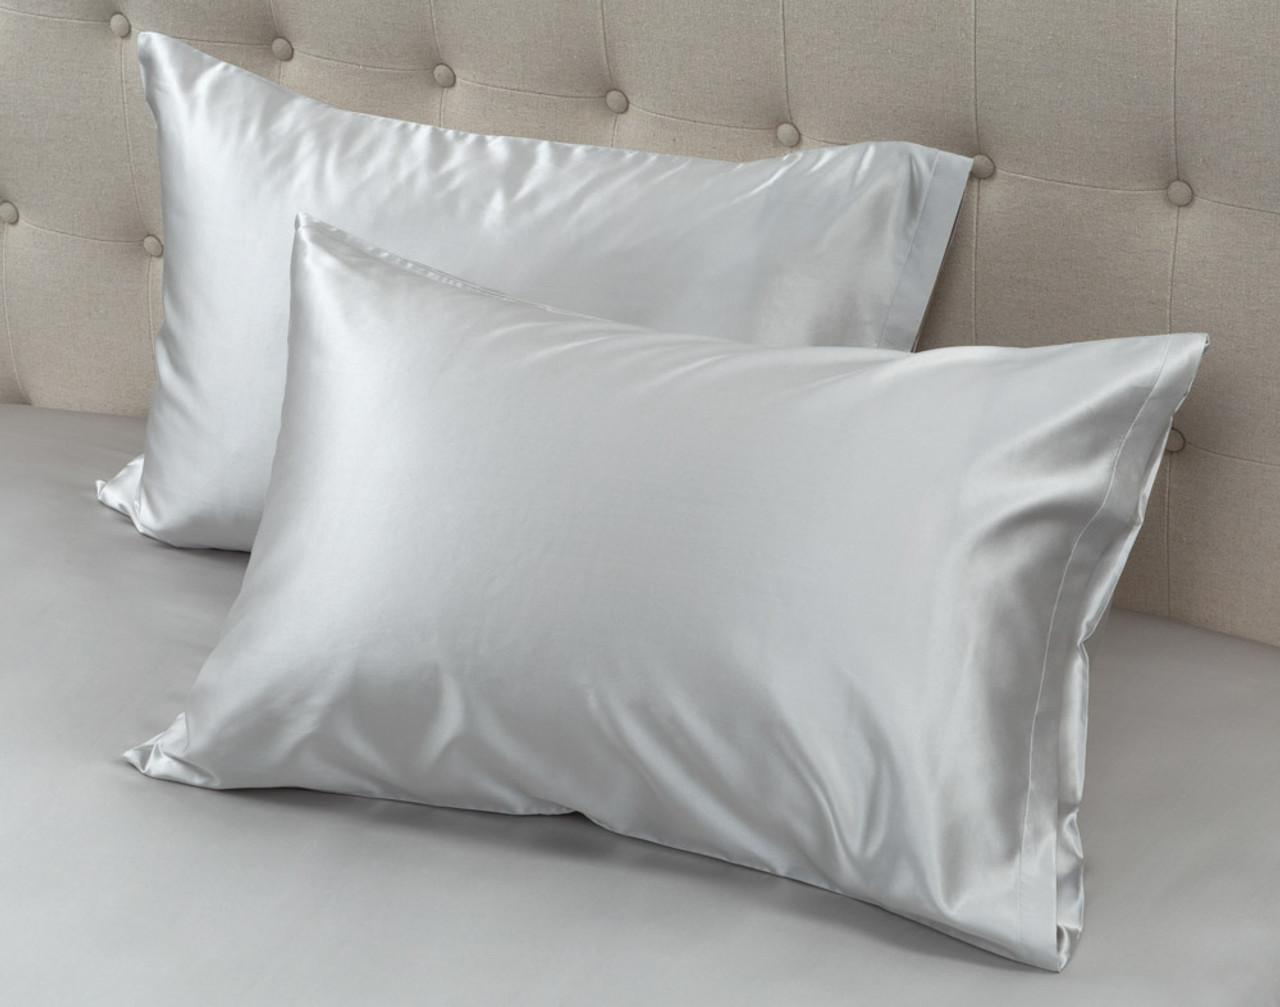 Armoire Pillowcase, set of 2